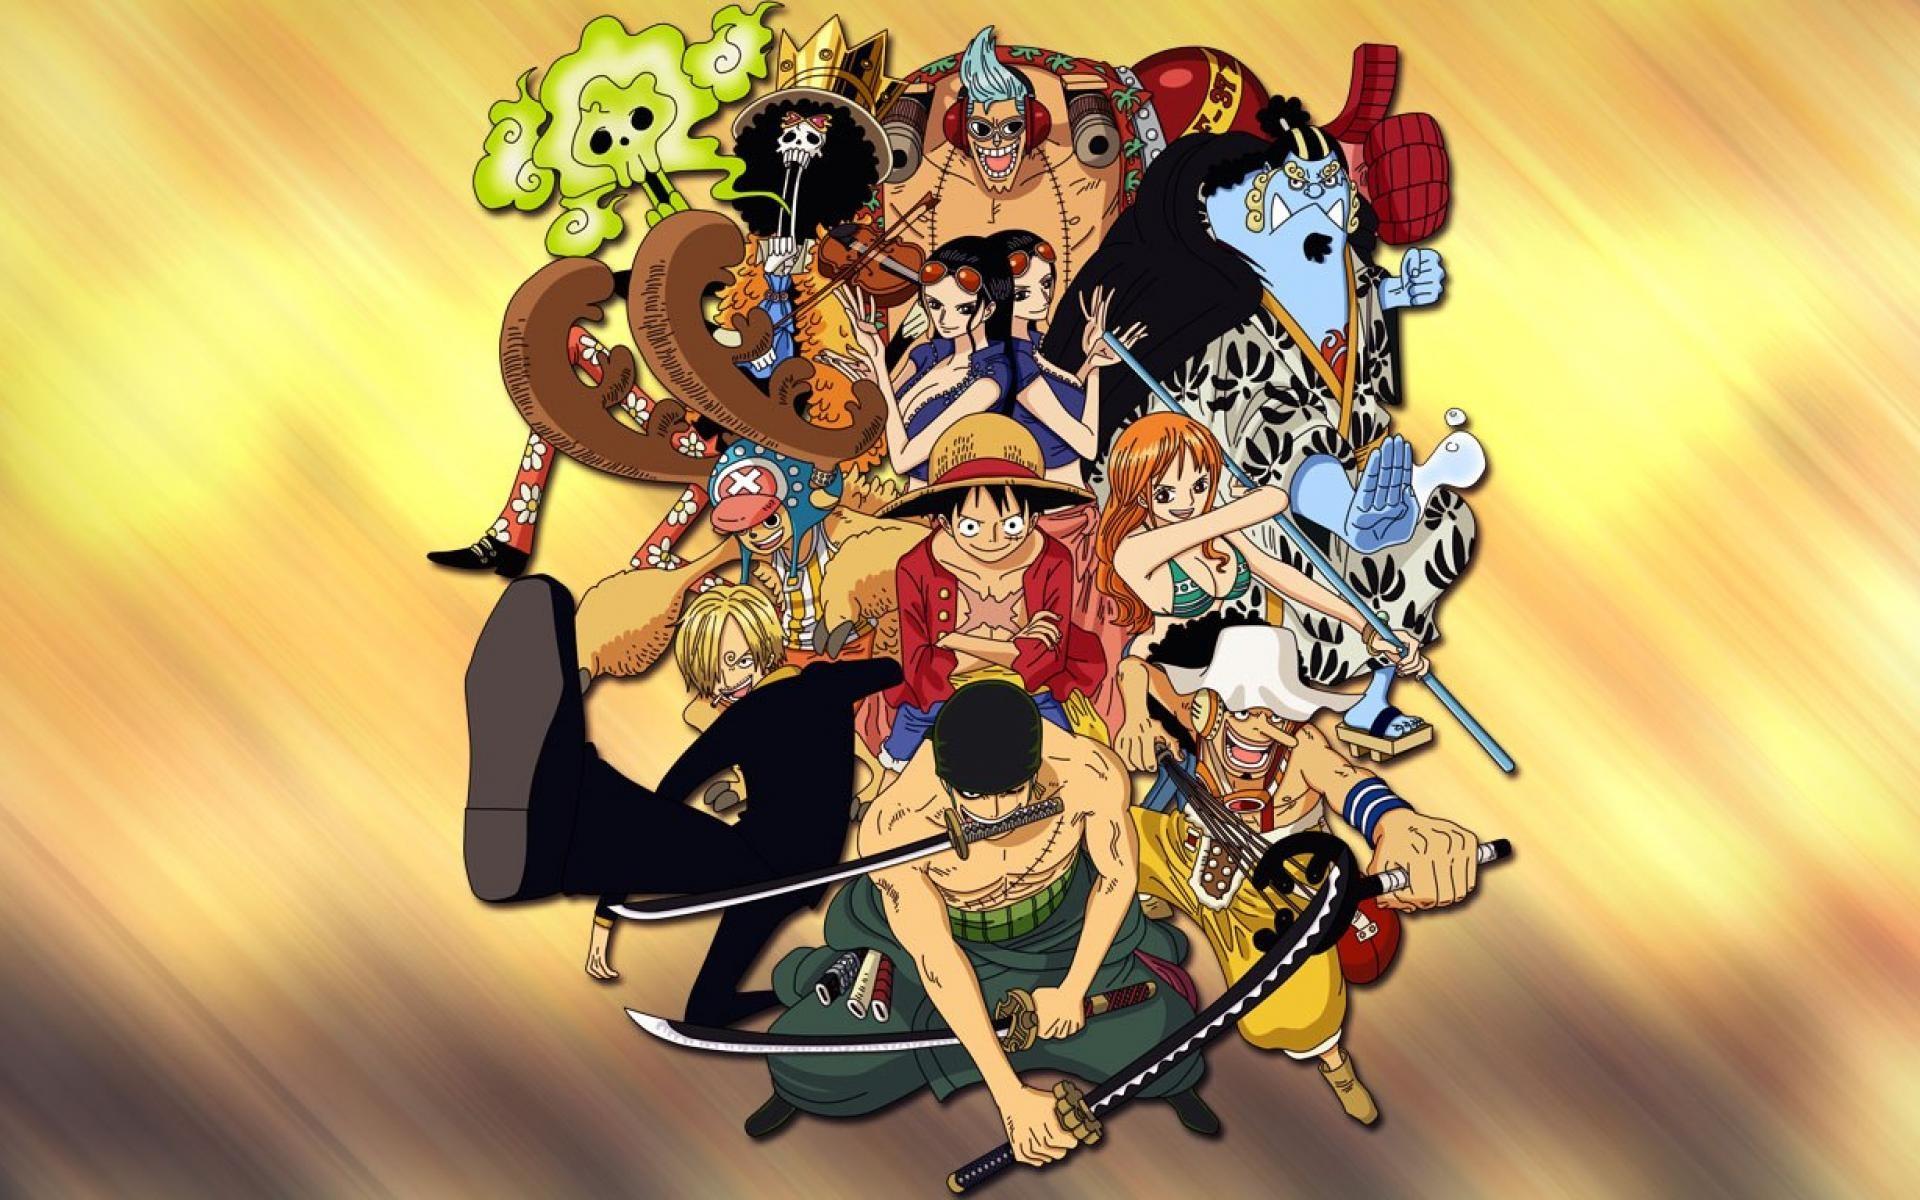 Anime Brook One Piece Franky One Piece Monkey D Luffy Nami One Piece Nico  Robin One Piece Anime Roronoa Zoro Sanji One Piece Straw Hat Tony Tony  Chopper …